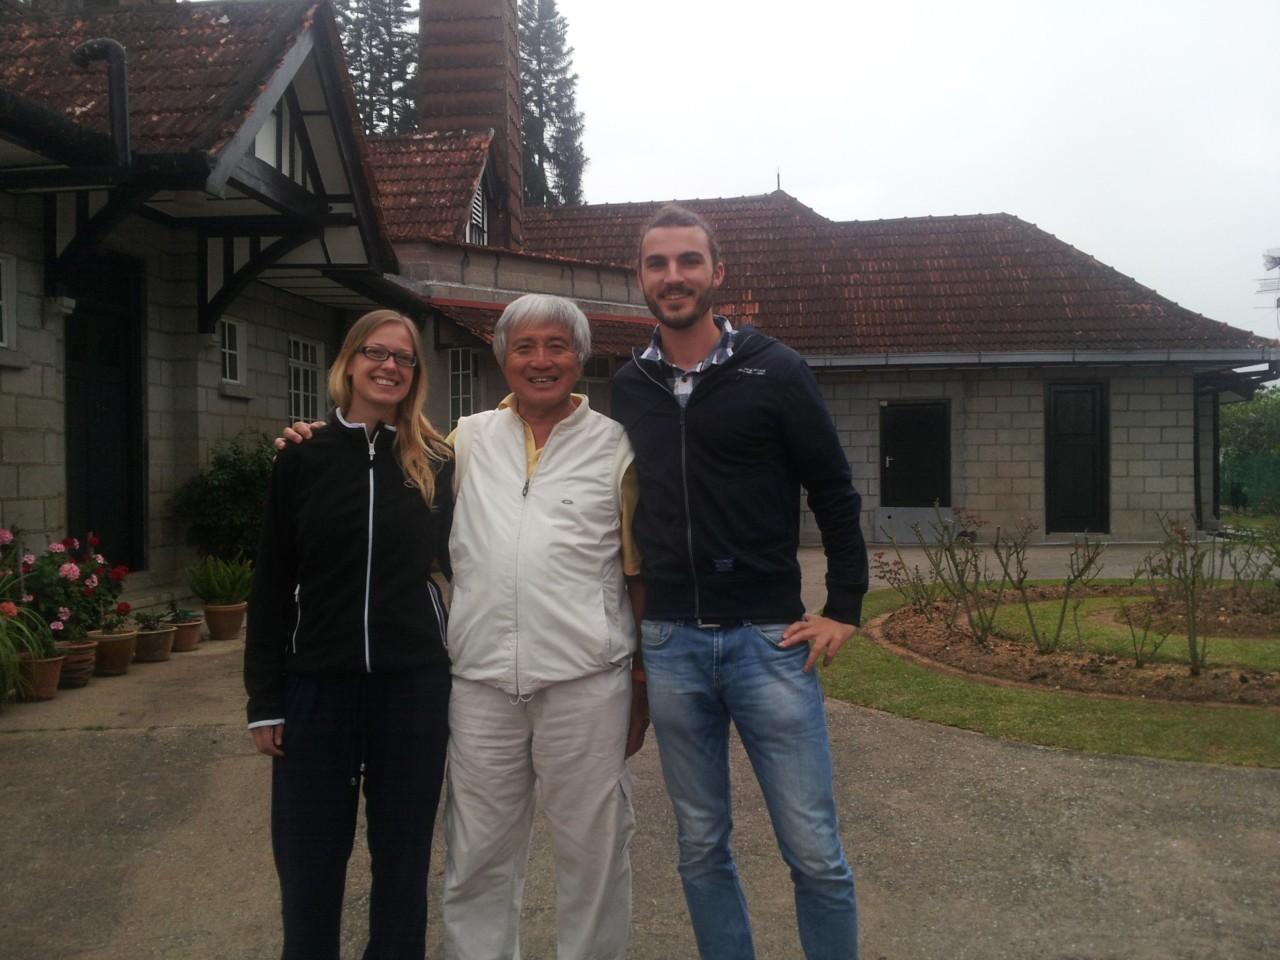 Besuch bei einem alten Haus aus der Kolonialzeit hoch oben auf einem Gipfel, das sich in Besitz eines seiner Freunde befindet. Außerhalb der zwei Wochen, in denen der Hausbesitzer nicht da ist, wird das Anwesen von einem Dienstmädchen und ihrer Familie gepflegt und bewohnt.